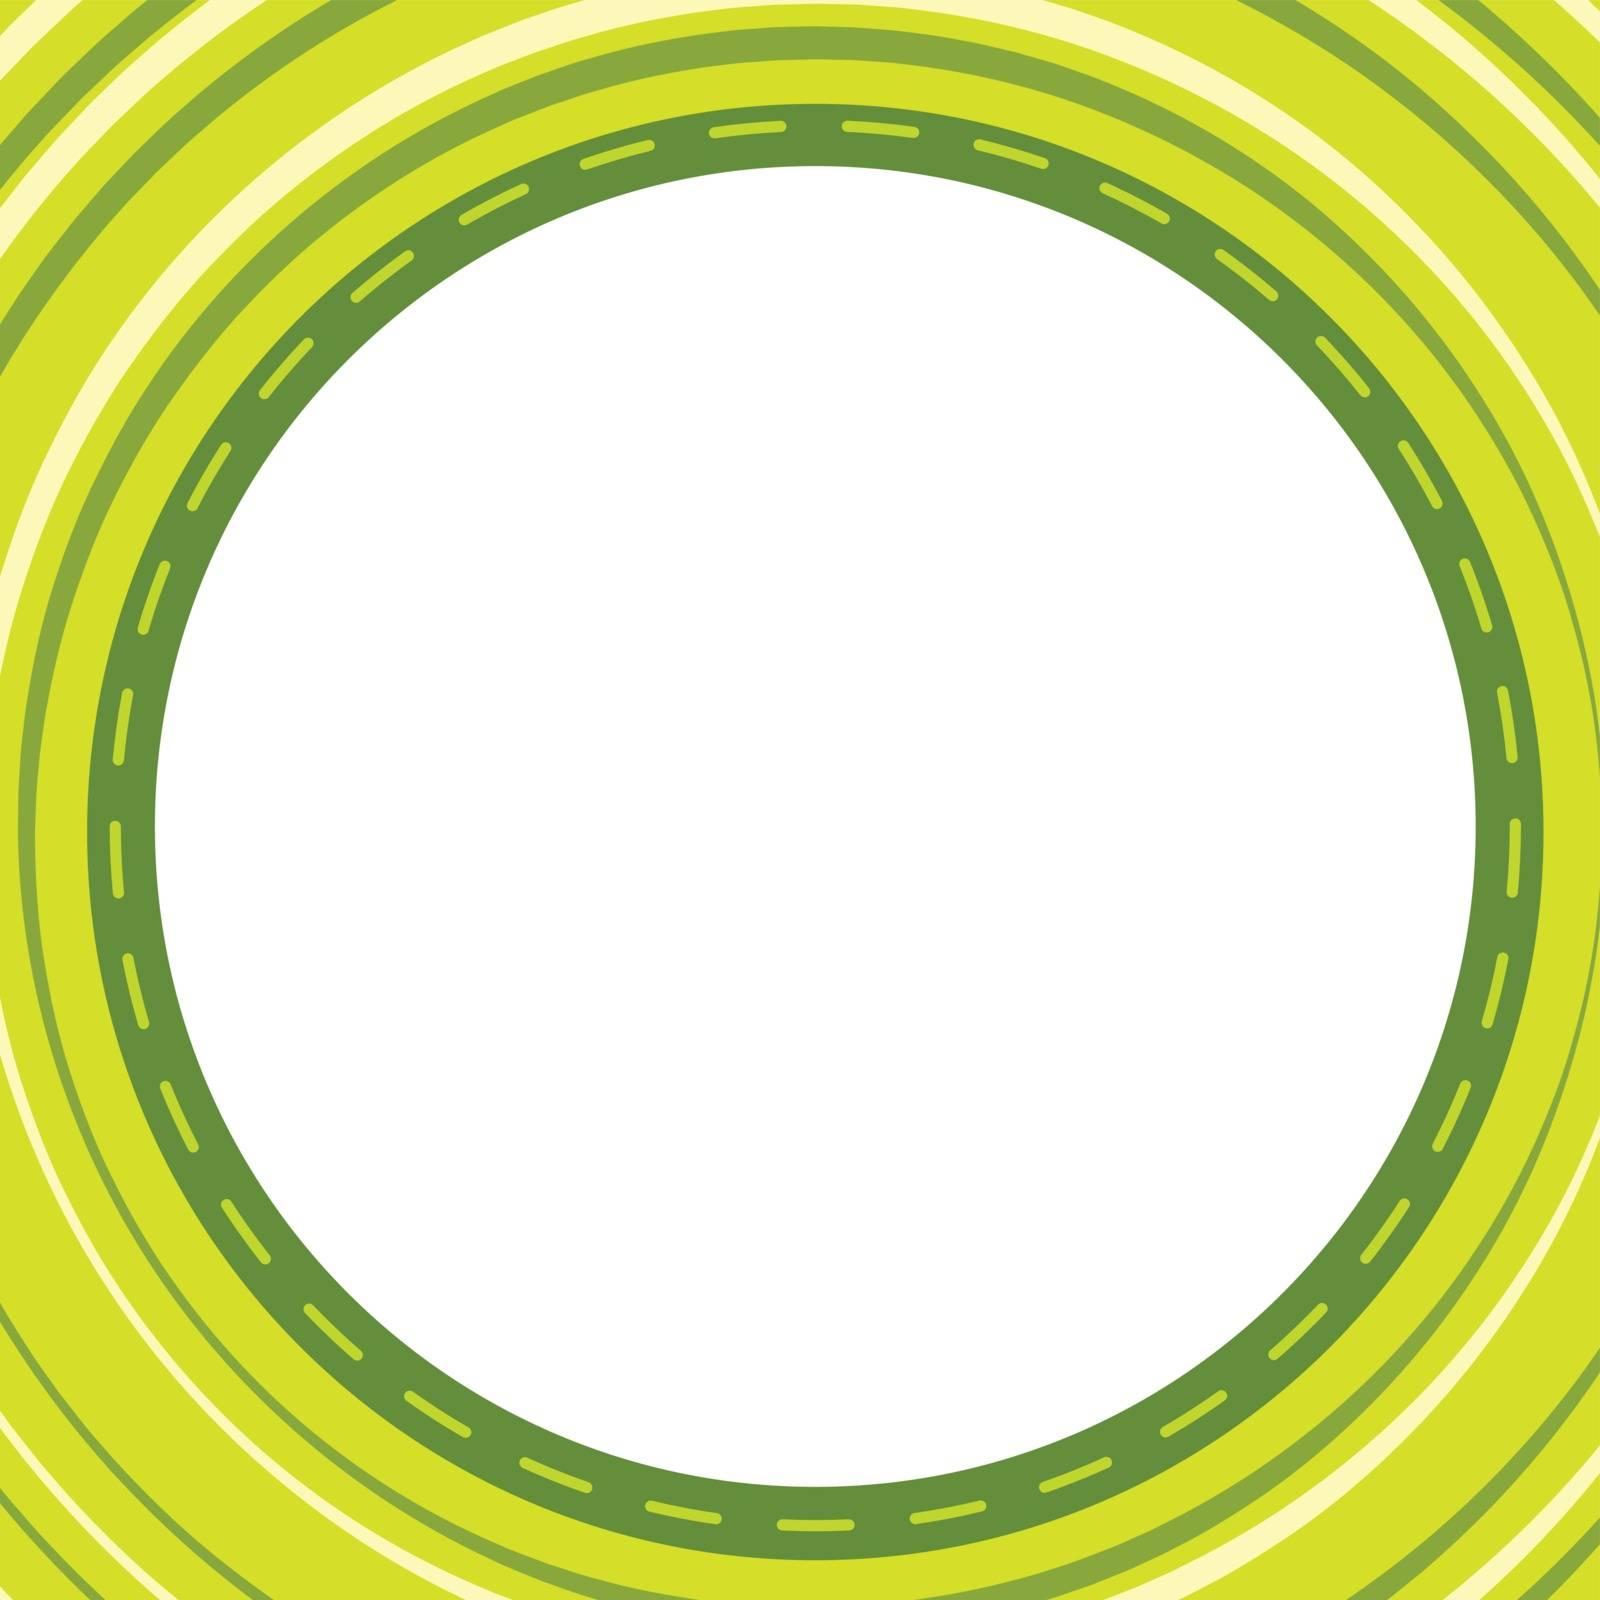 illustration of a green wallpaper